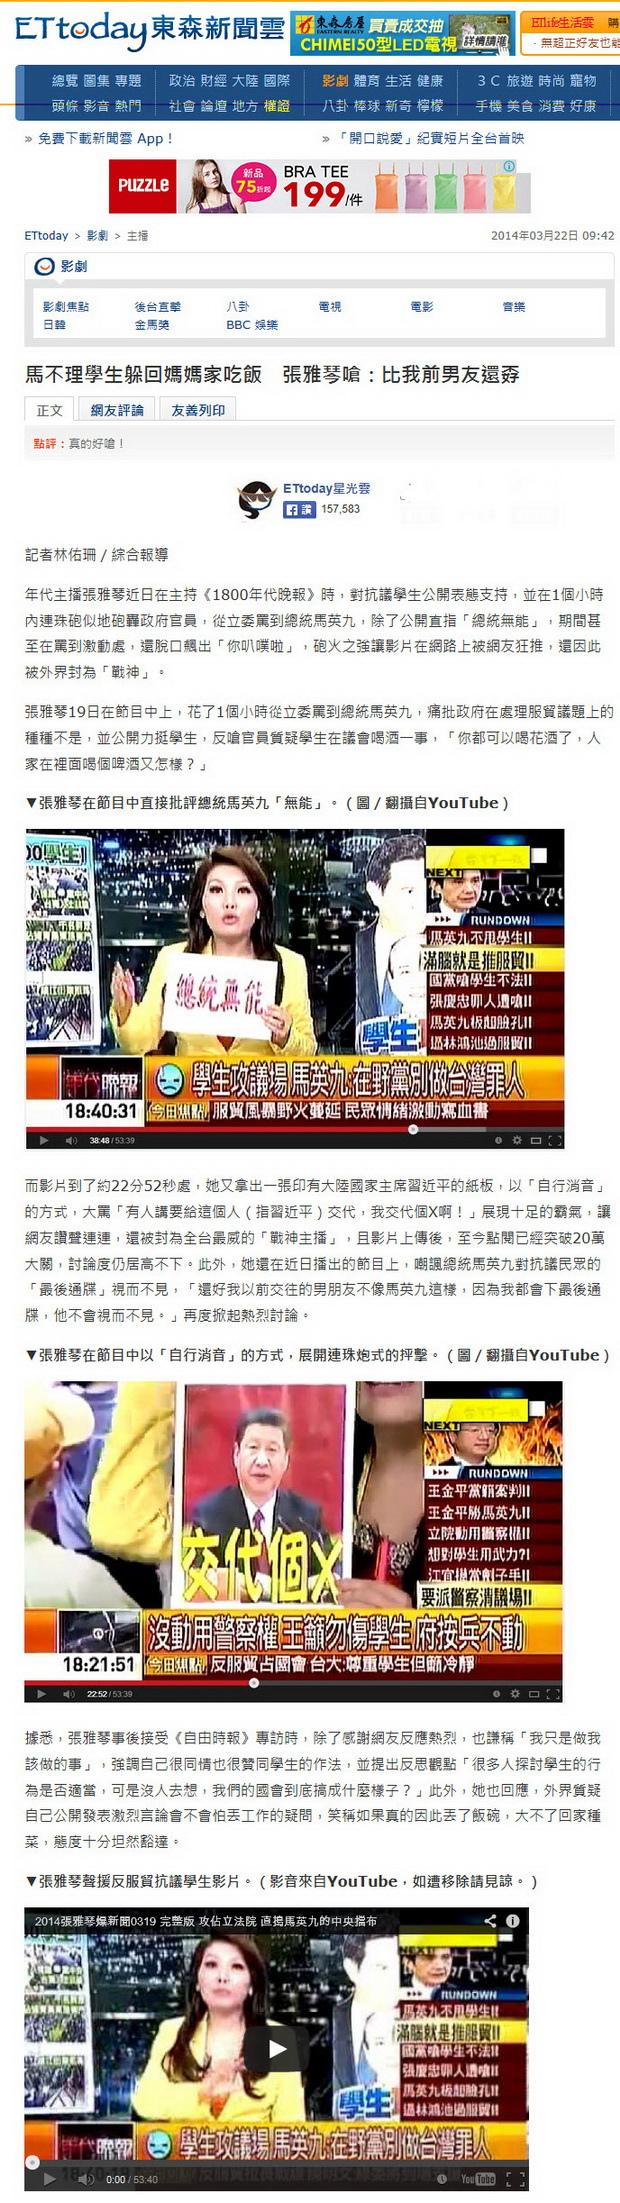 馬不理學生躲回媽媽家吃飯 張雅琴嗆:比我前男友還孬-2014.03.22-02.jpg